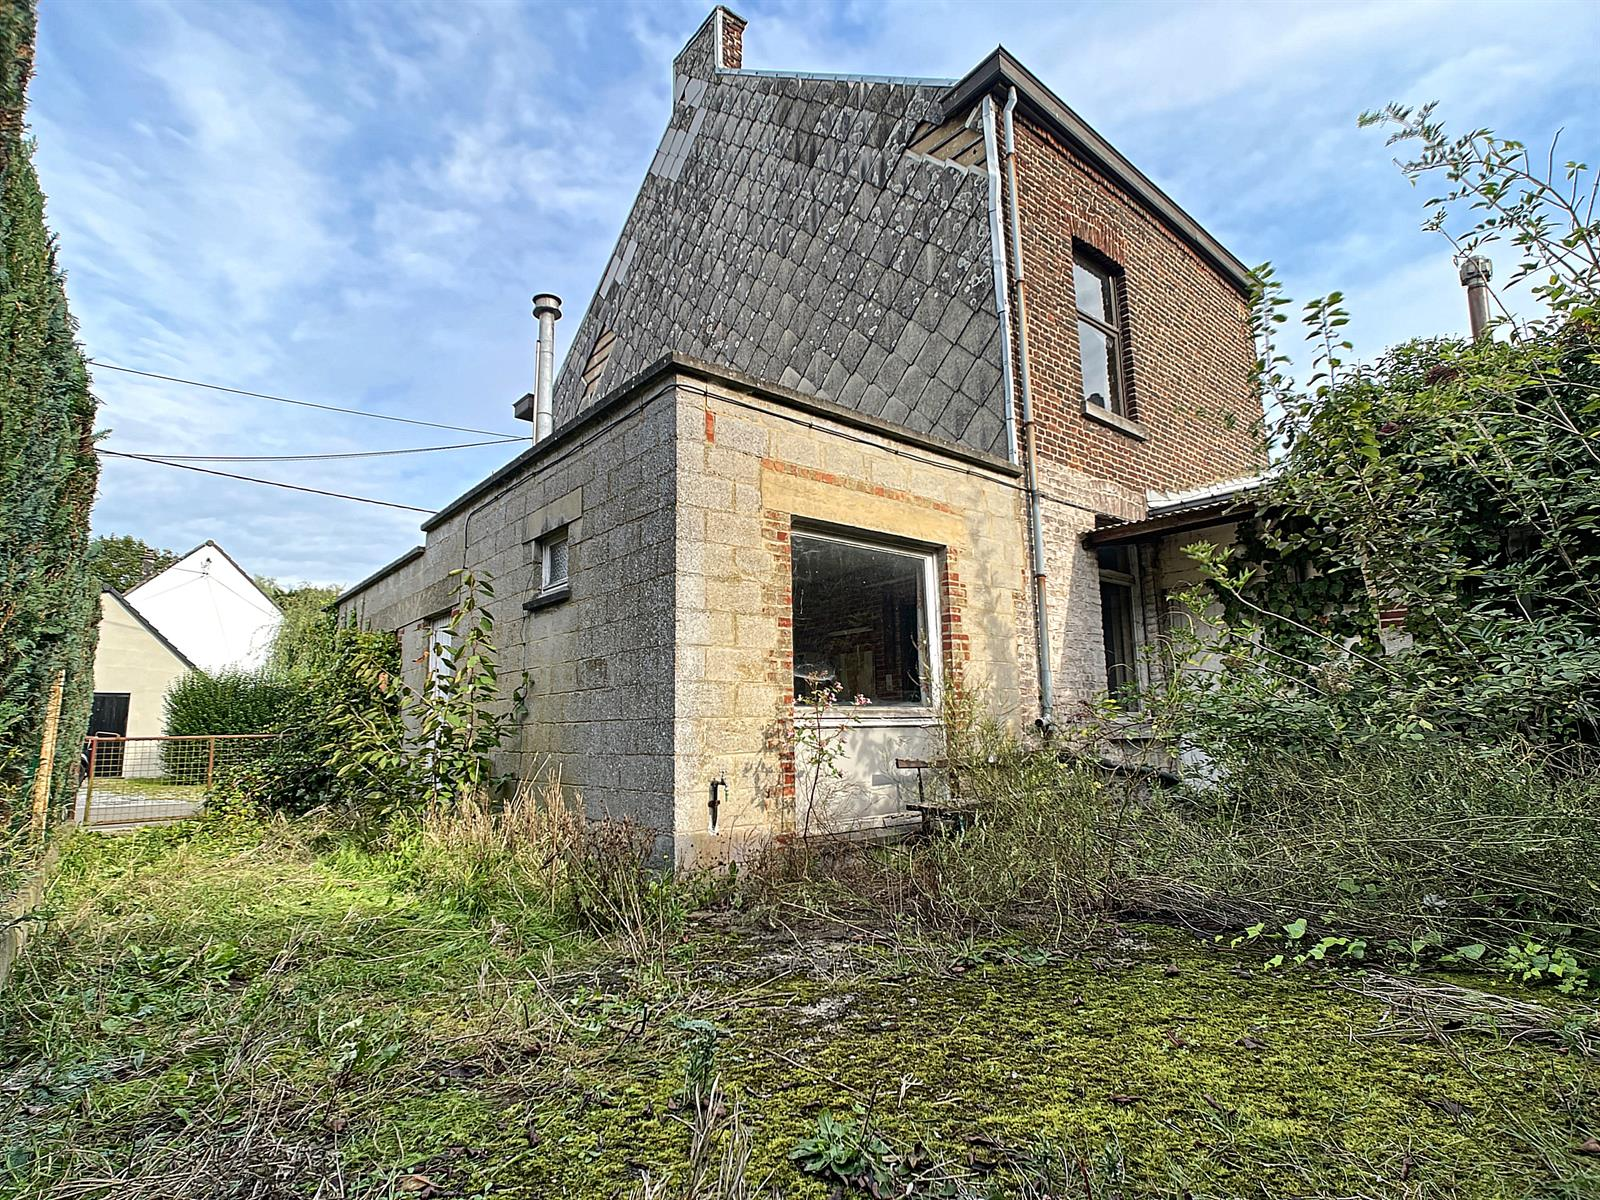 Maison - Courcelles - #4507256-23